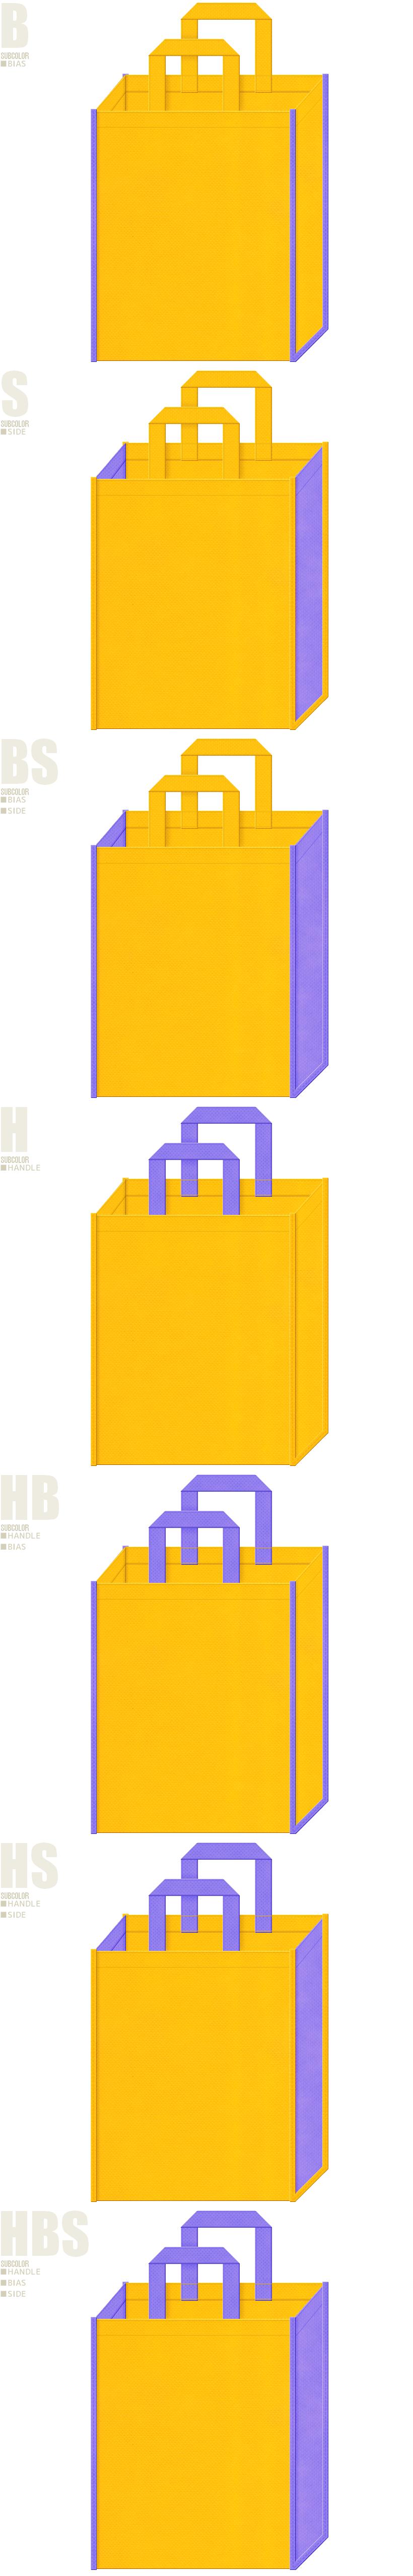 絵本・おとぎ話・ピエロ・サーカス・おもちゃの兵隊・楽団・ゲーム・テーマパーク・レッスンバッグ・通園バッグ・キッズイベントにお奨めの不織布バッグデザイン:黄色と薄紫色の配色7パターン